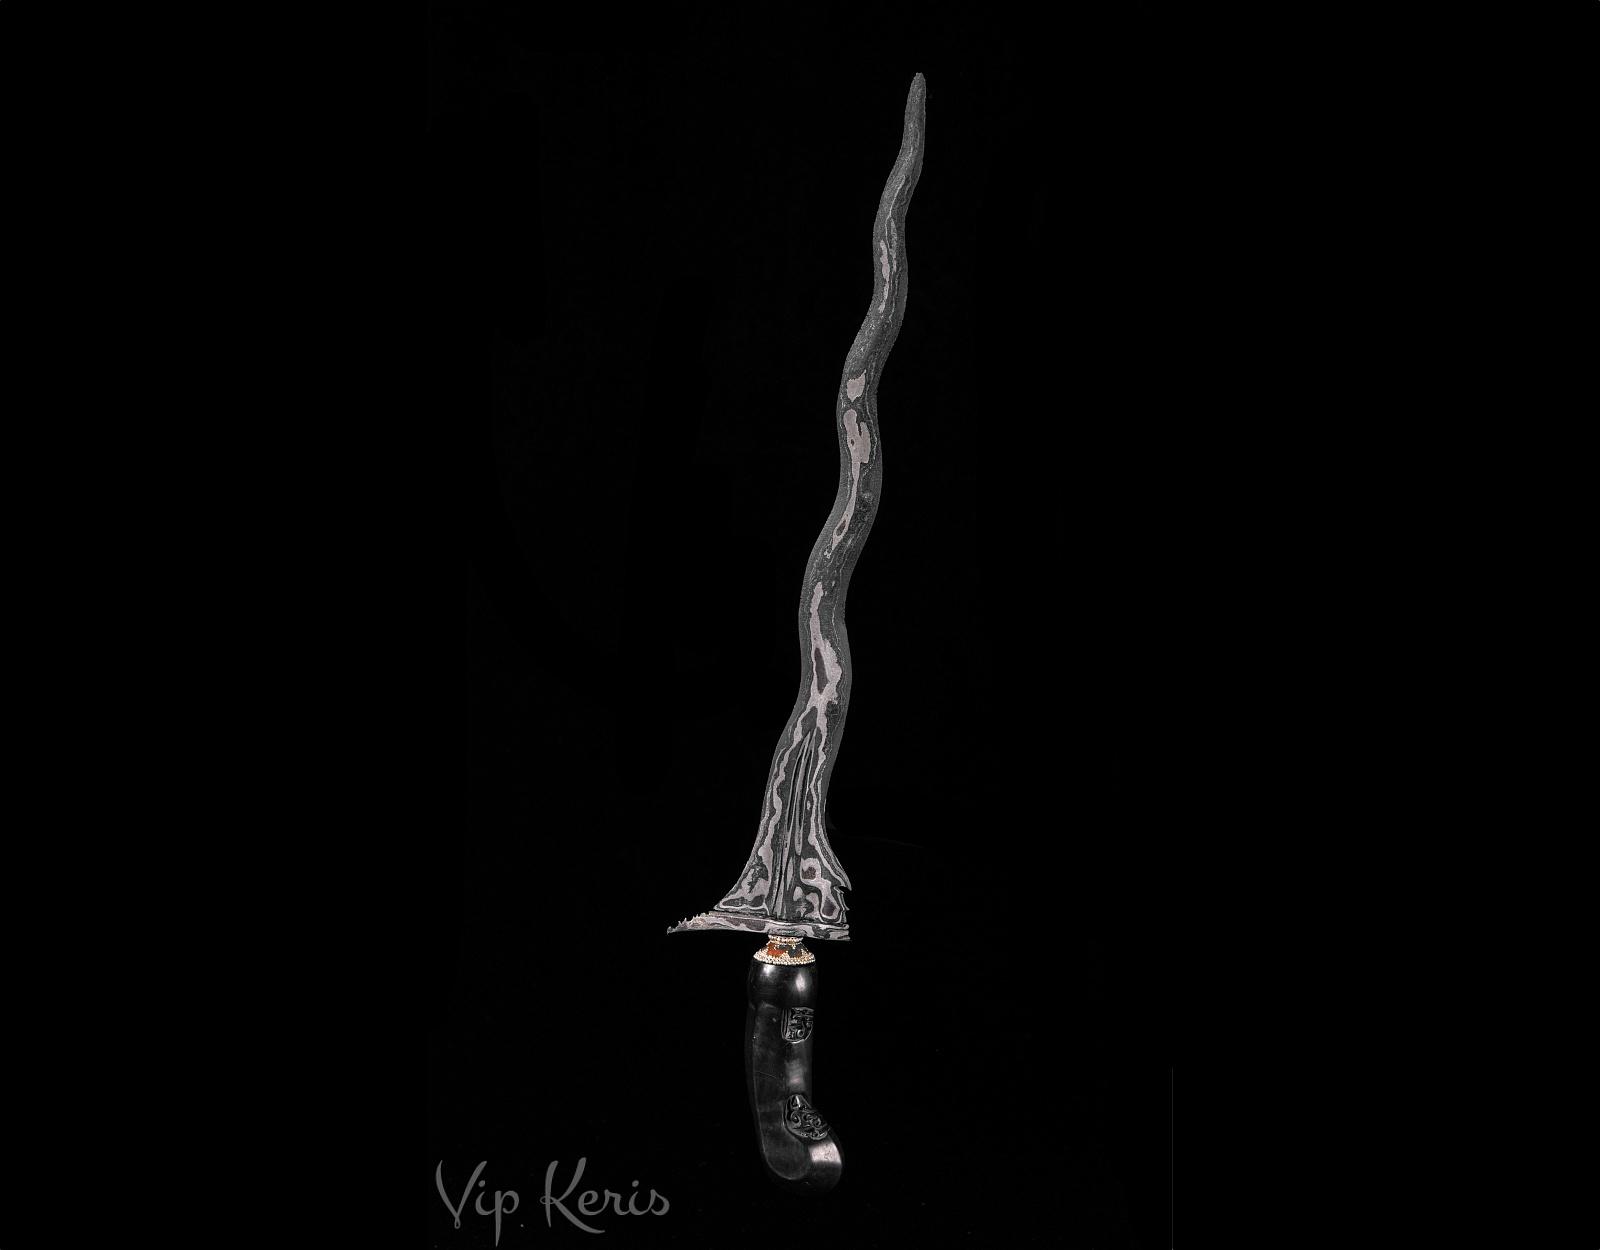 Кинжал Крис Panimbal 9 изгибов фото VipKeris